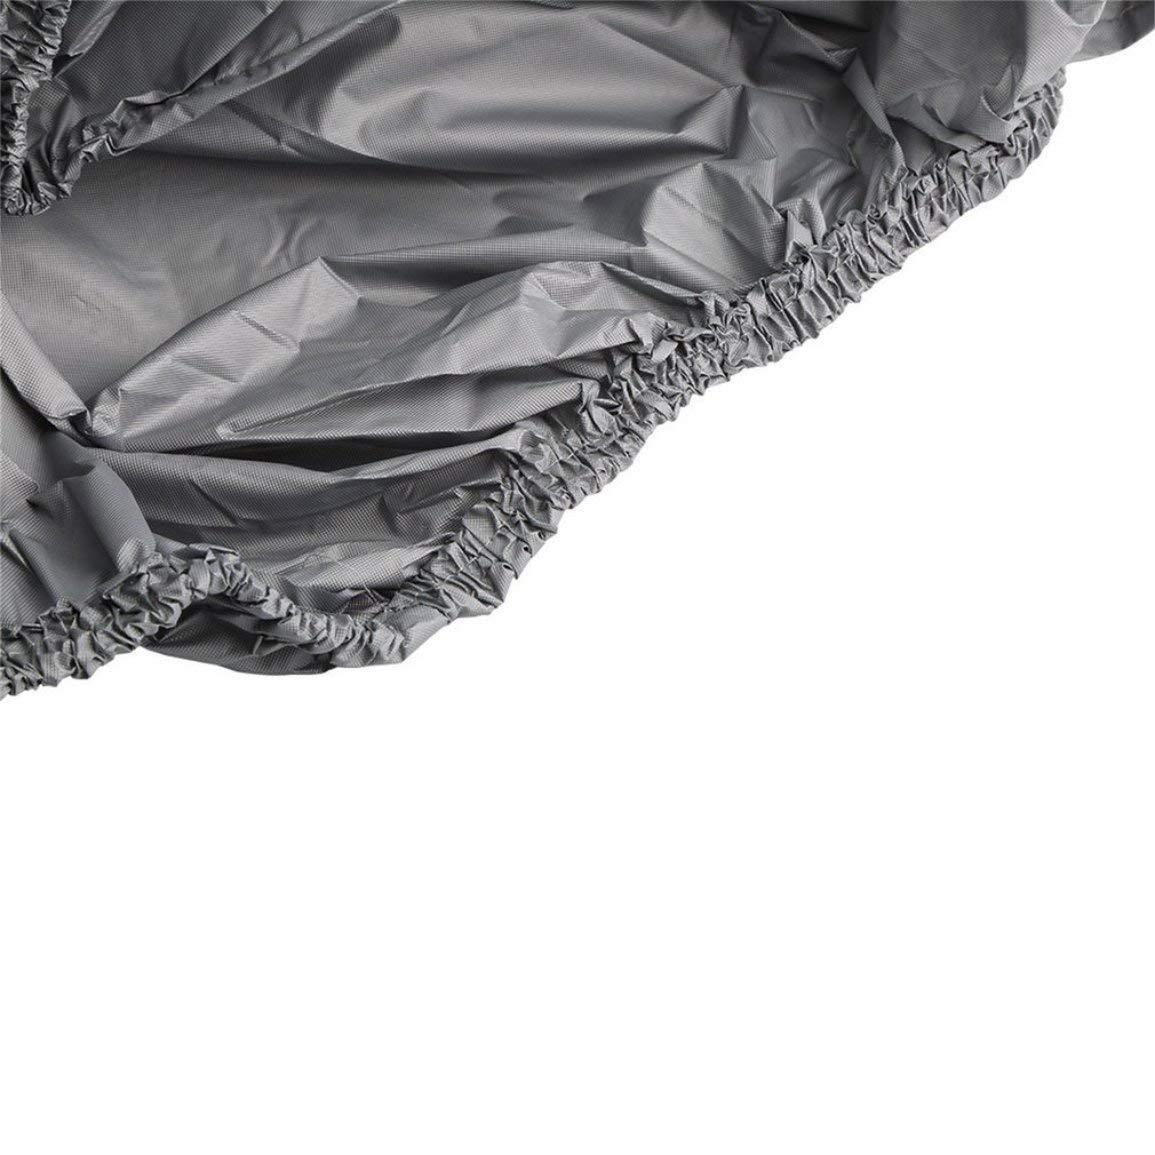 Farbe: grau L Garciadia wasserdichte staubdichte Au/ßenmembran Volle Autoabdeckung UV-best/ändiges Gewebe Atmungsaktiv Regen im Freien Schnee Eisbest/ändig